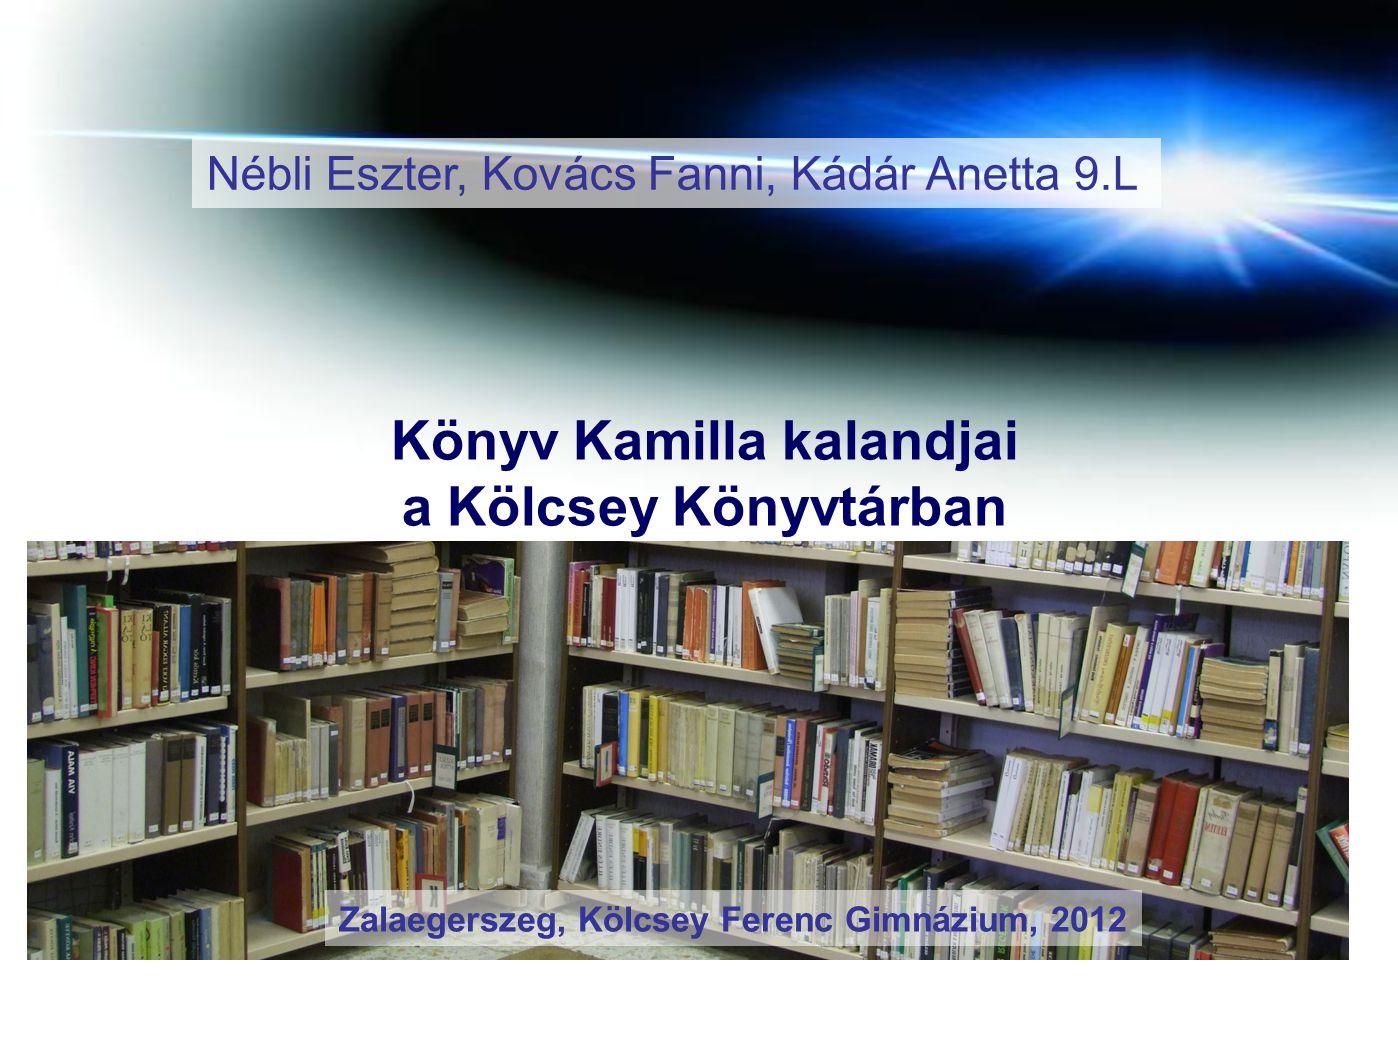 Kölcsey Ferenc Gimnázium 8900 Zalaegerszeg, Rákóczi út 49-53.